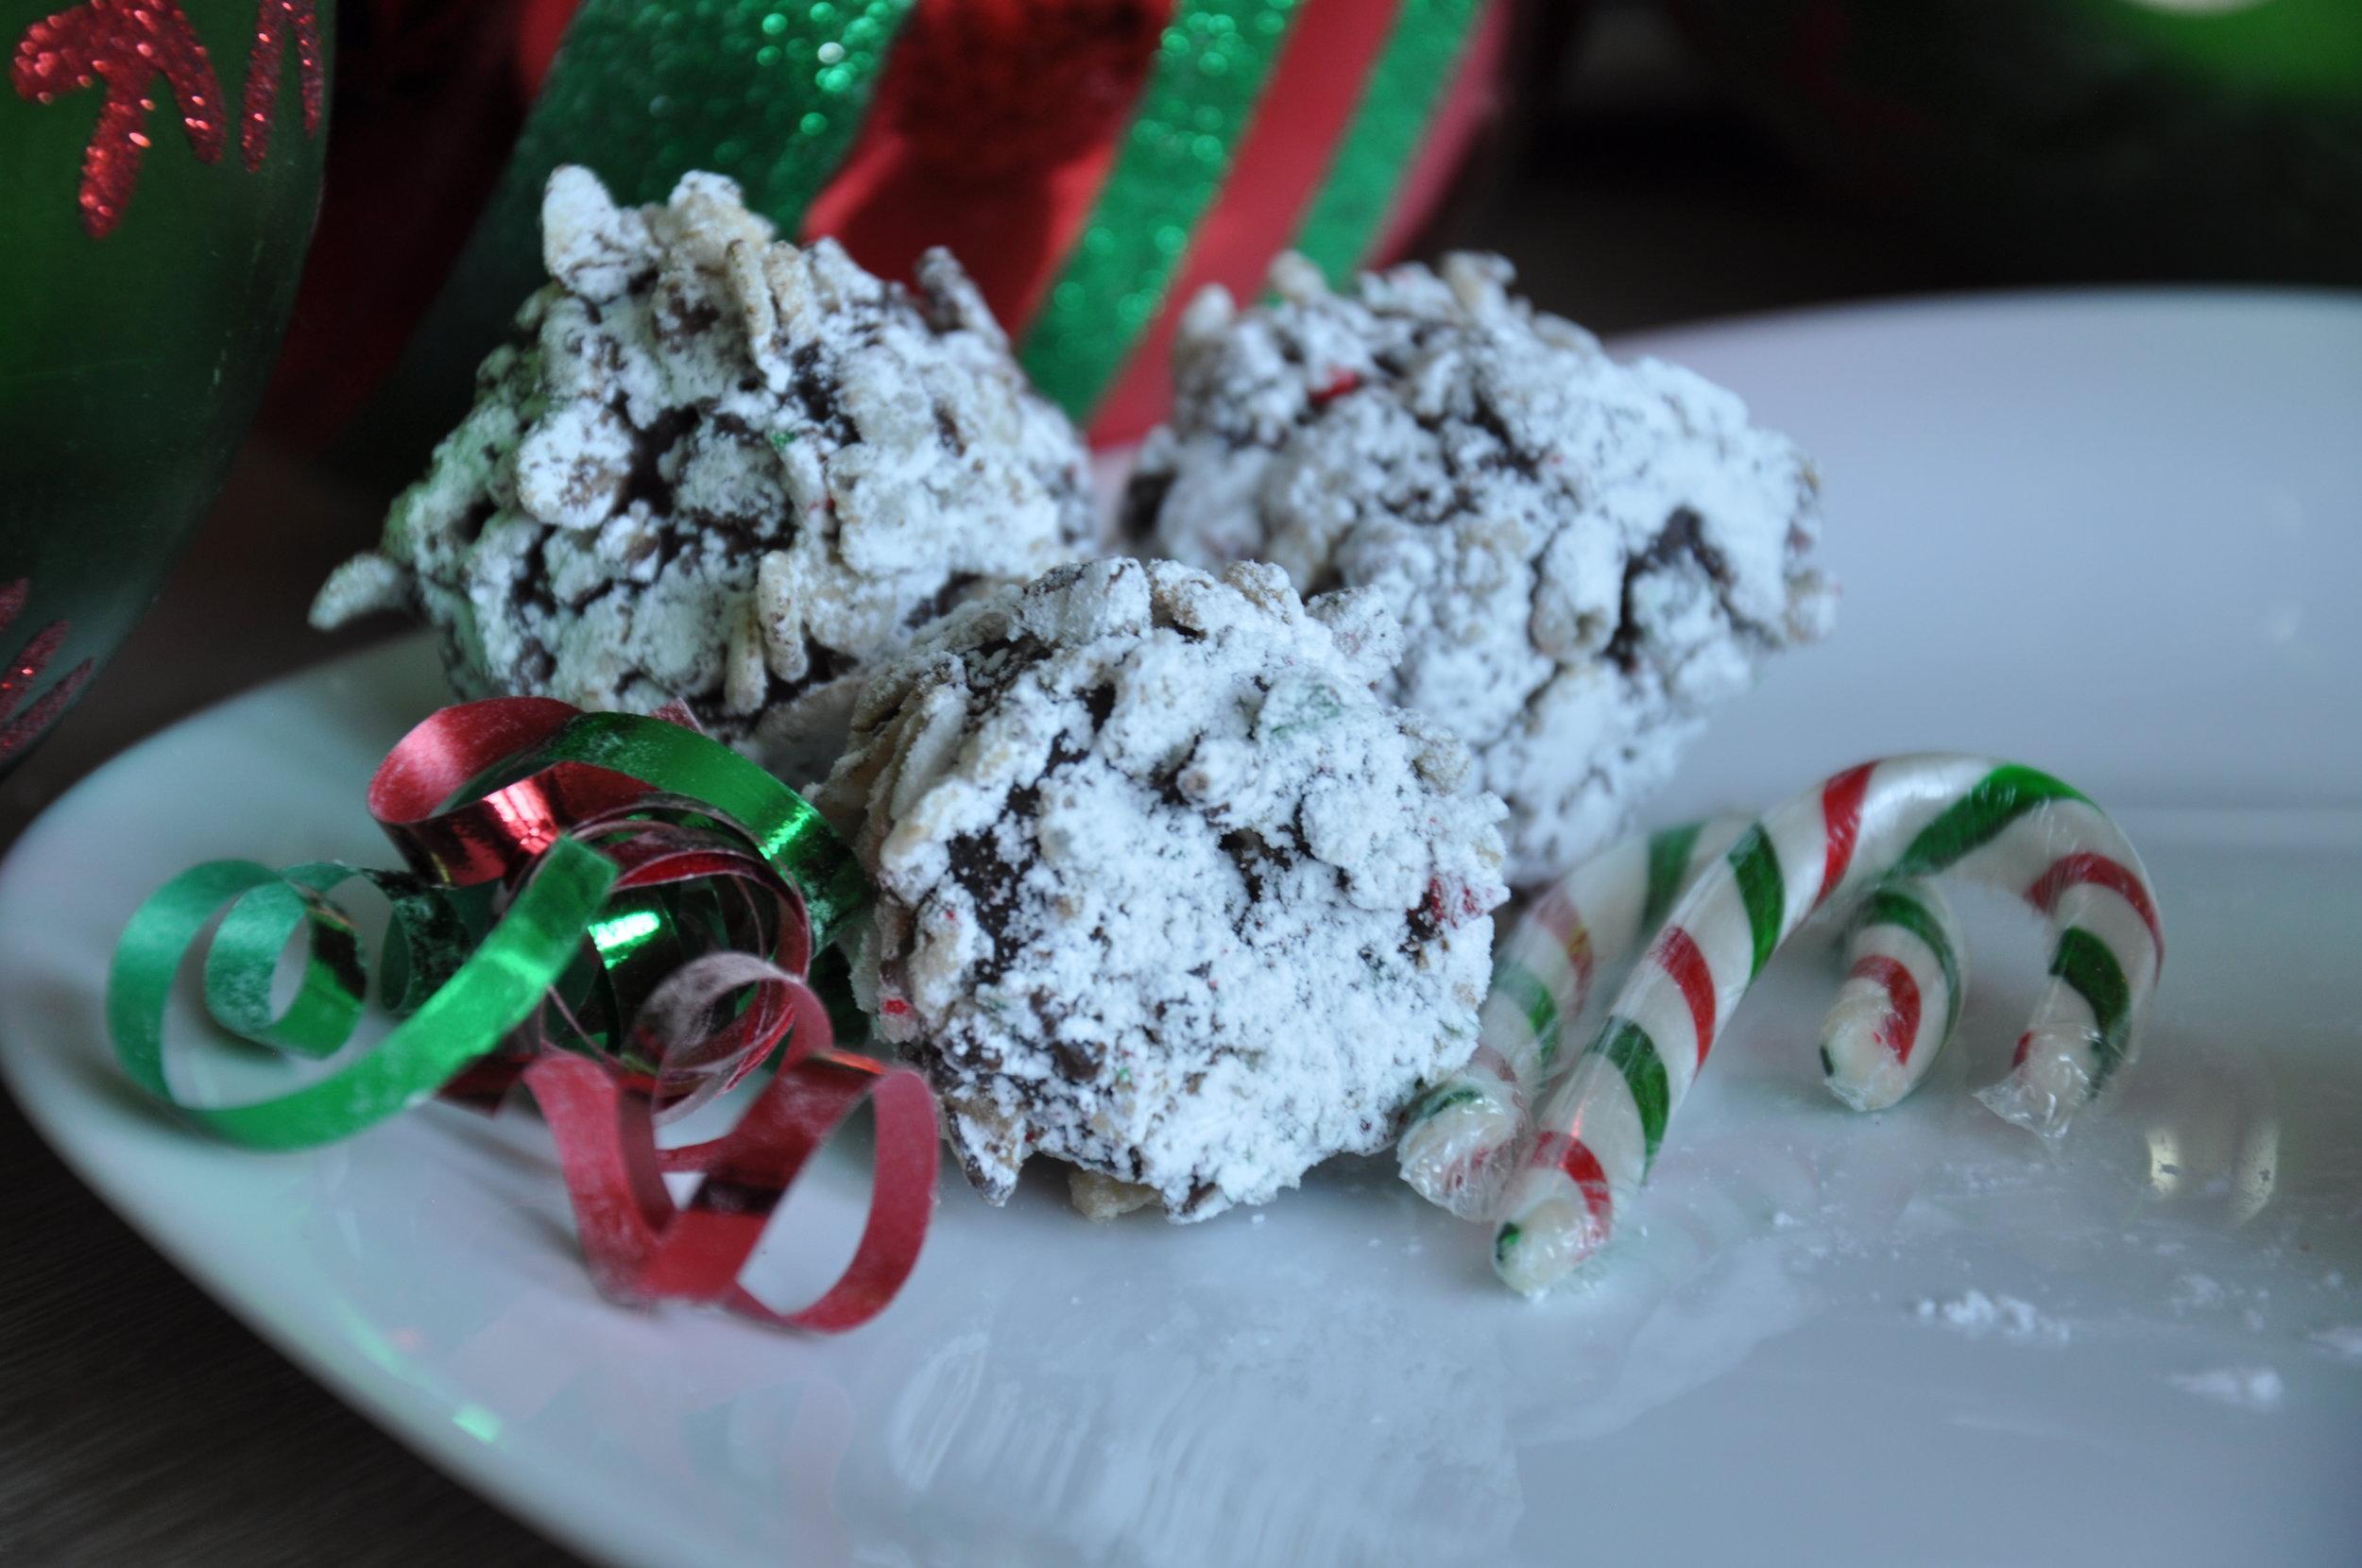 Delicious top allergen free holiday treats